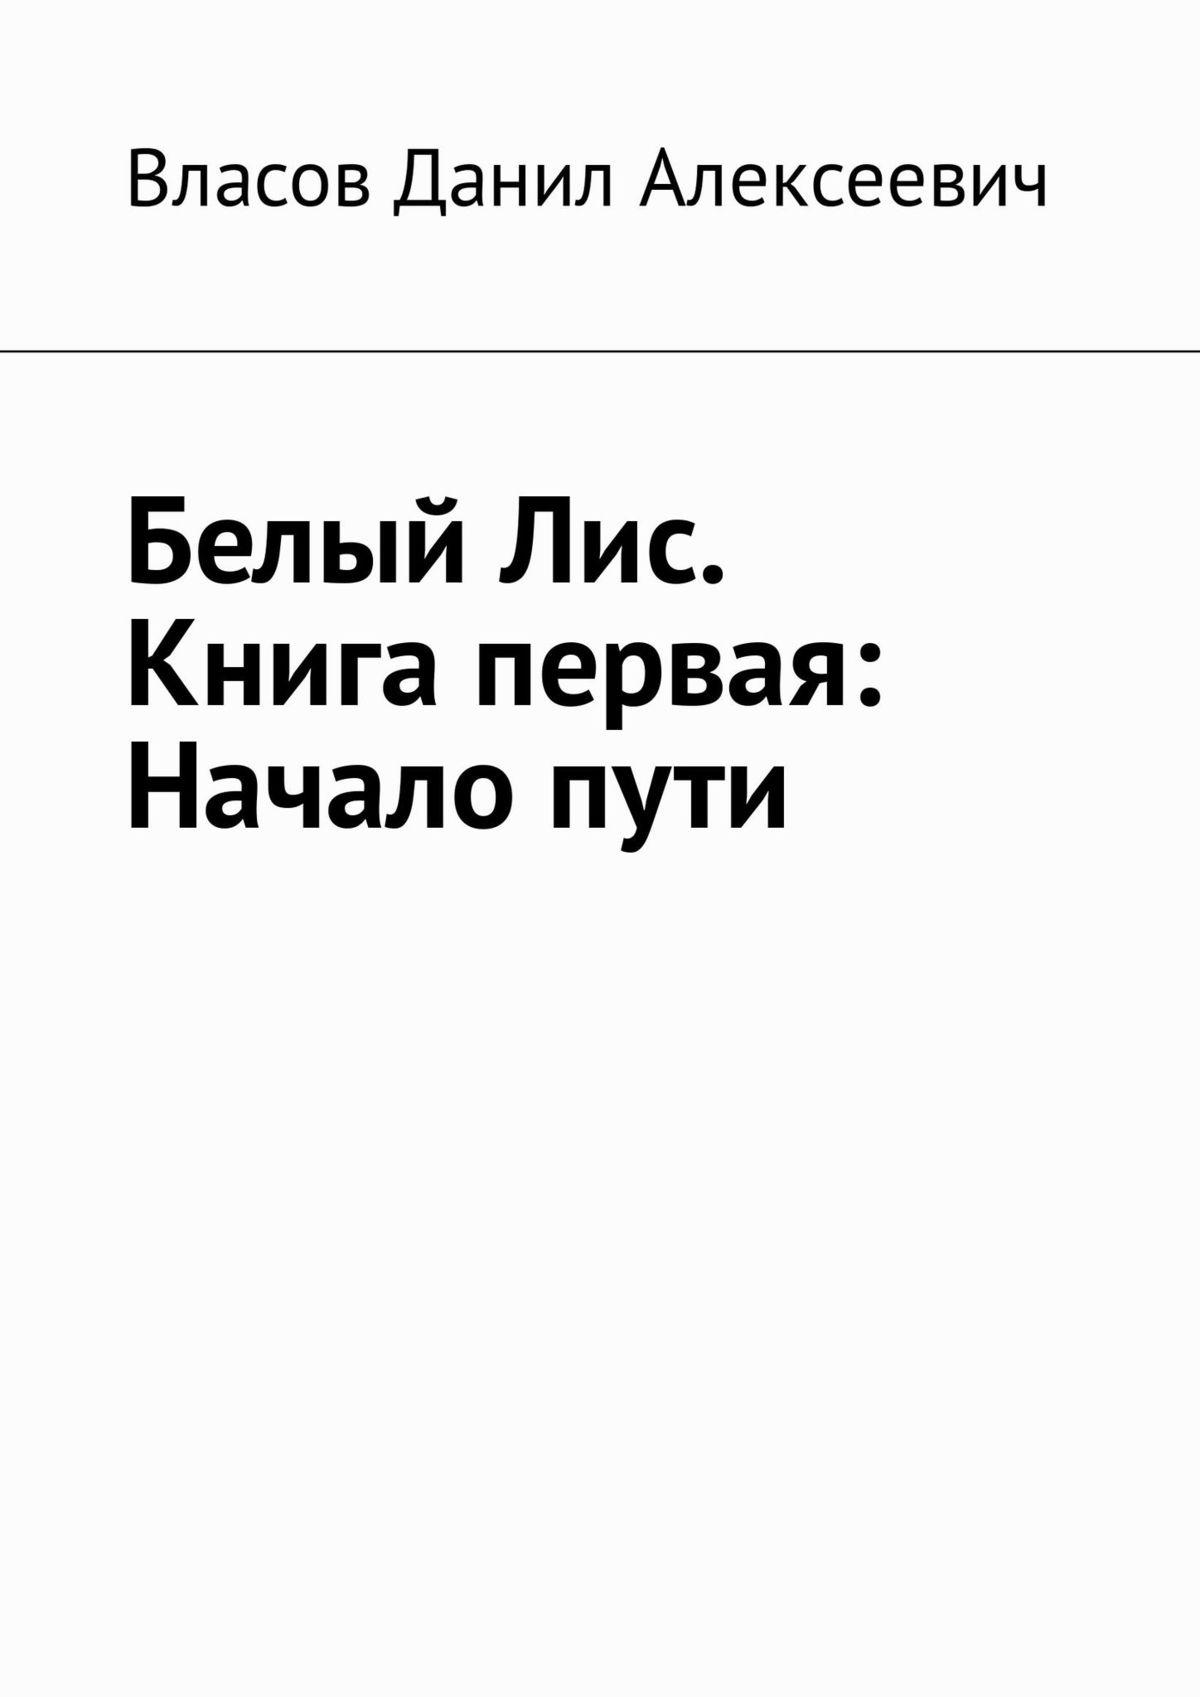 Данил Алексеевич Власов Белый Лис. Книга первая: Начало пути виксен л меня зовут лис